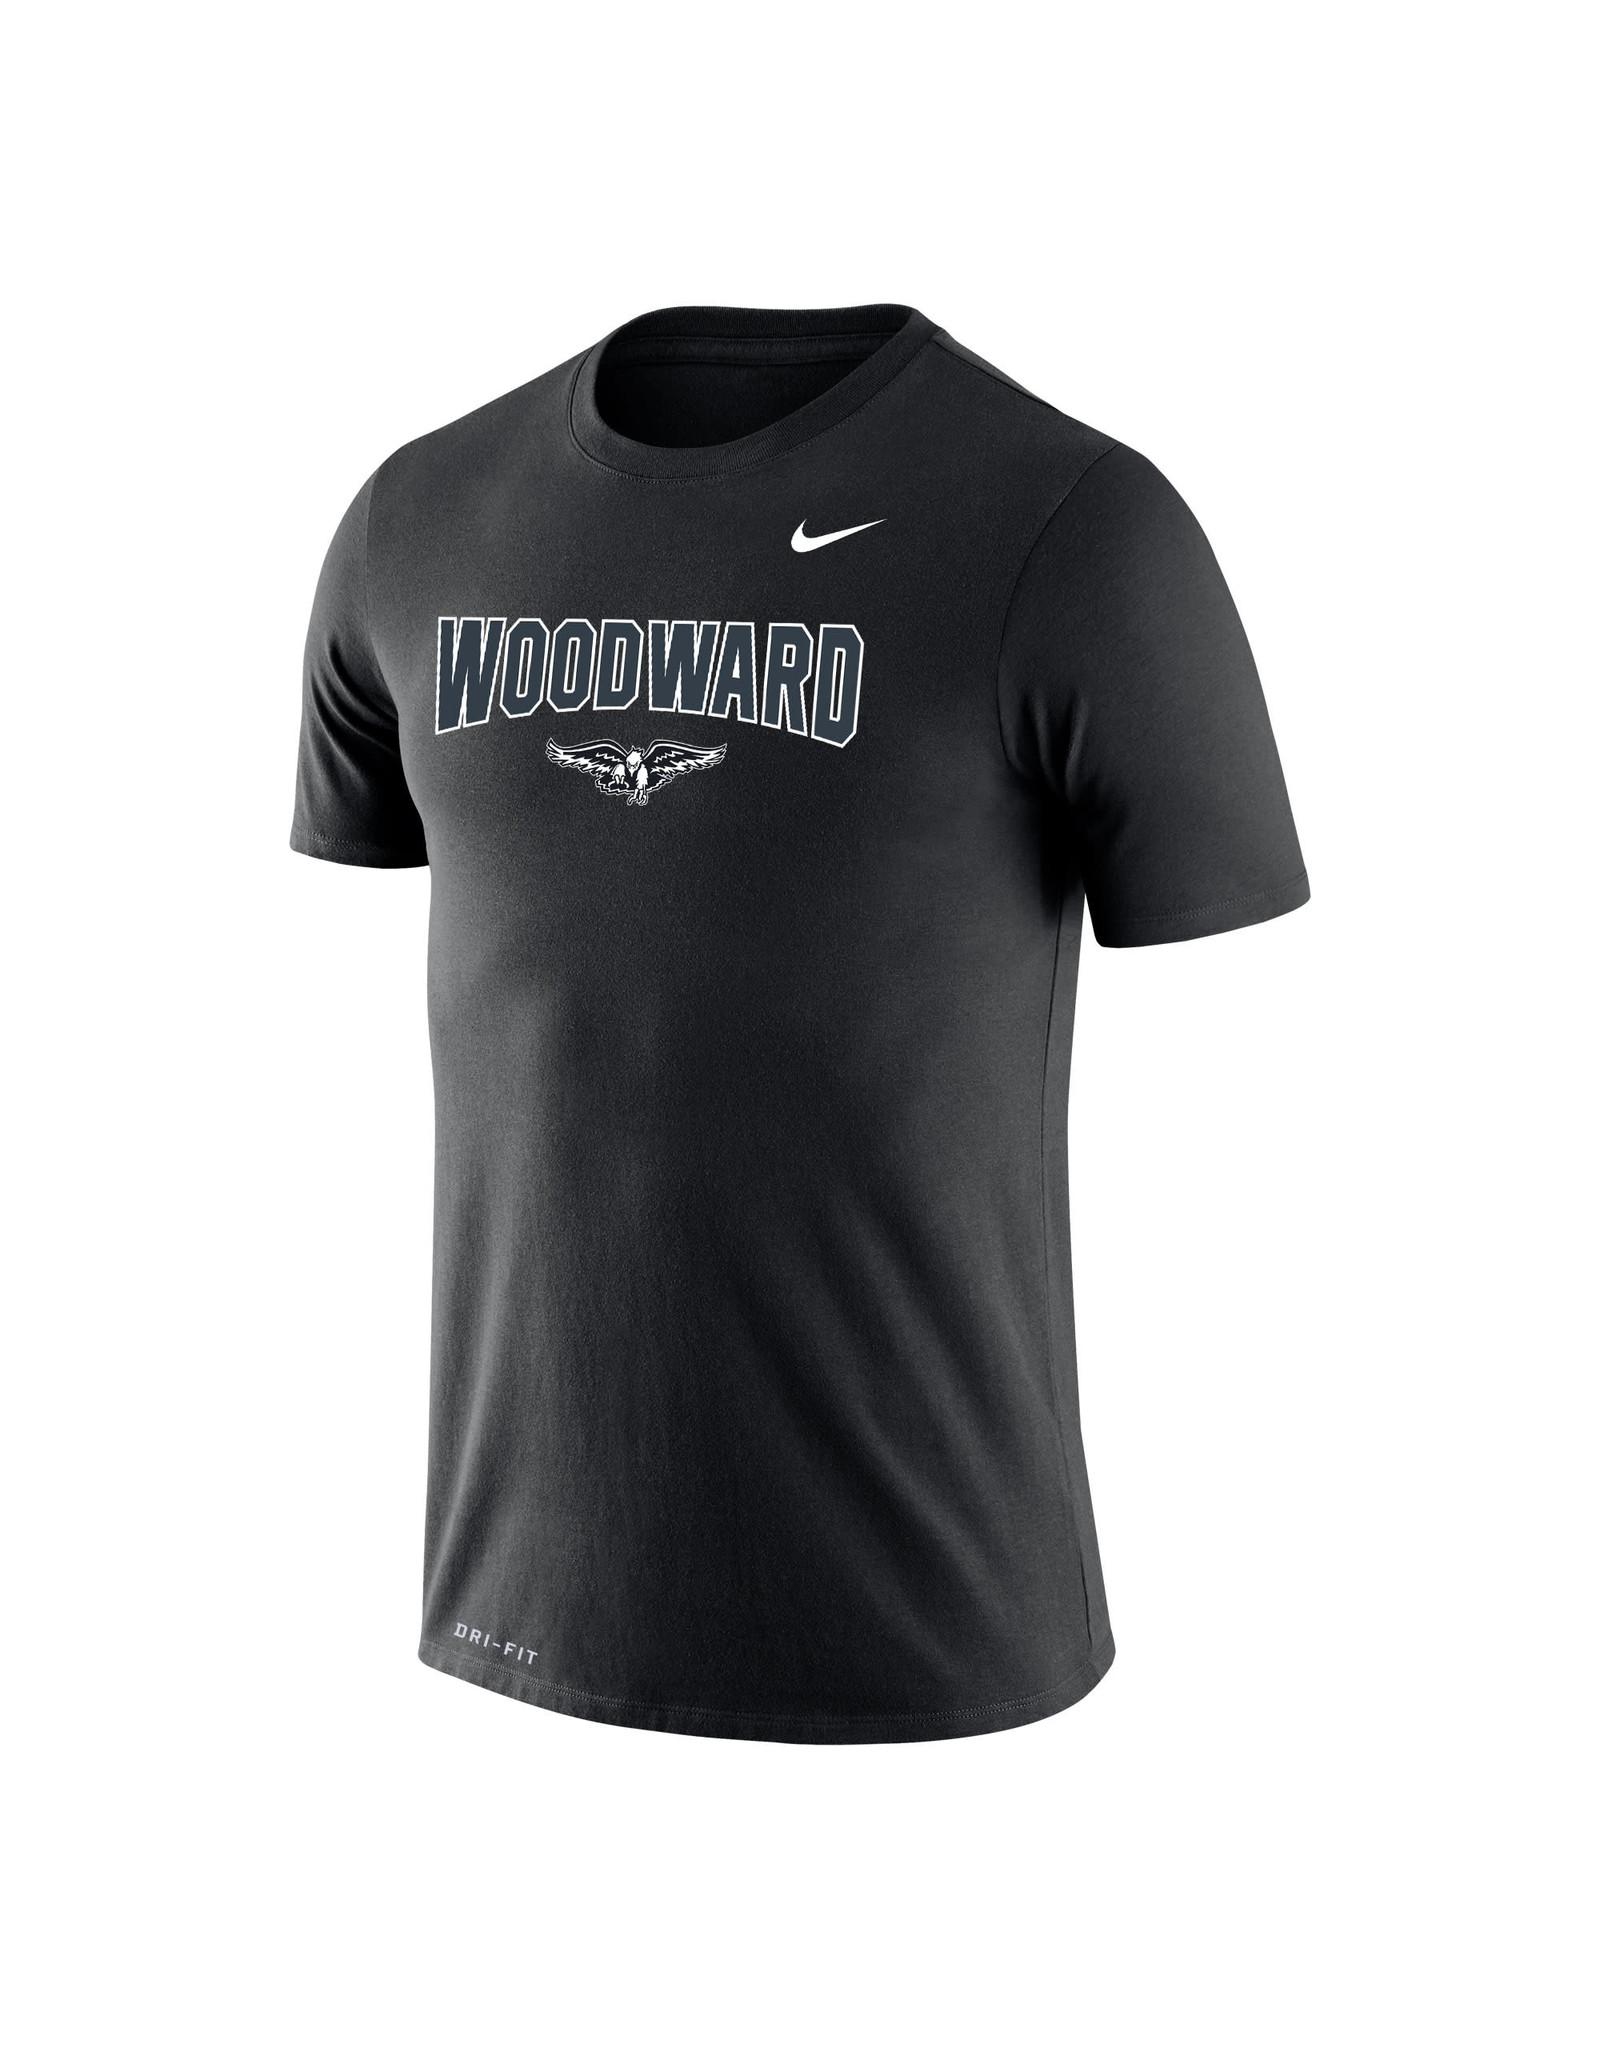 NIKE Legend Dri-Fit SS T Shirt in Black